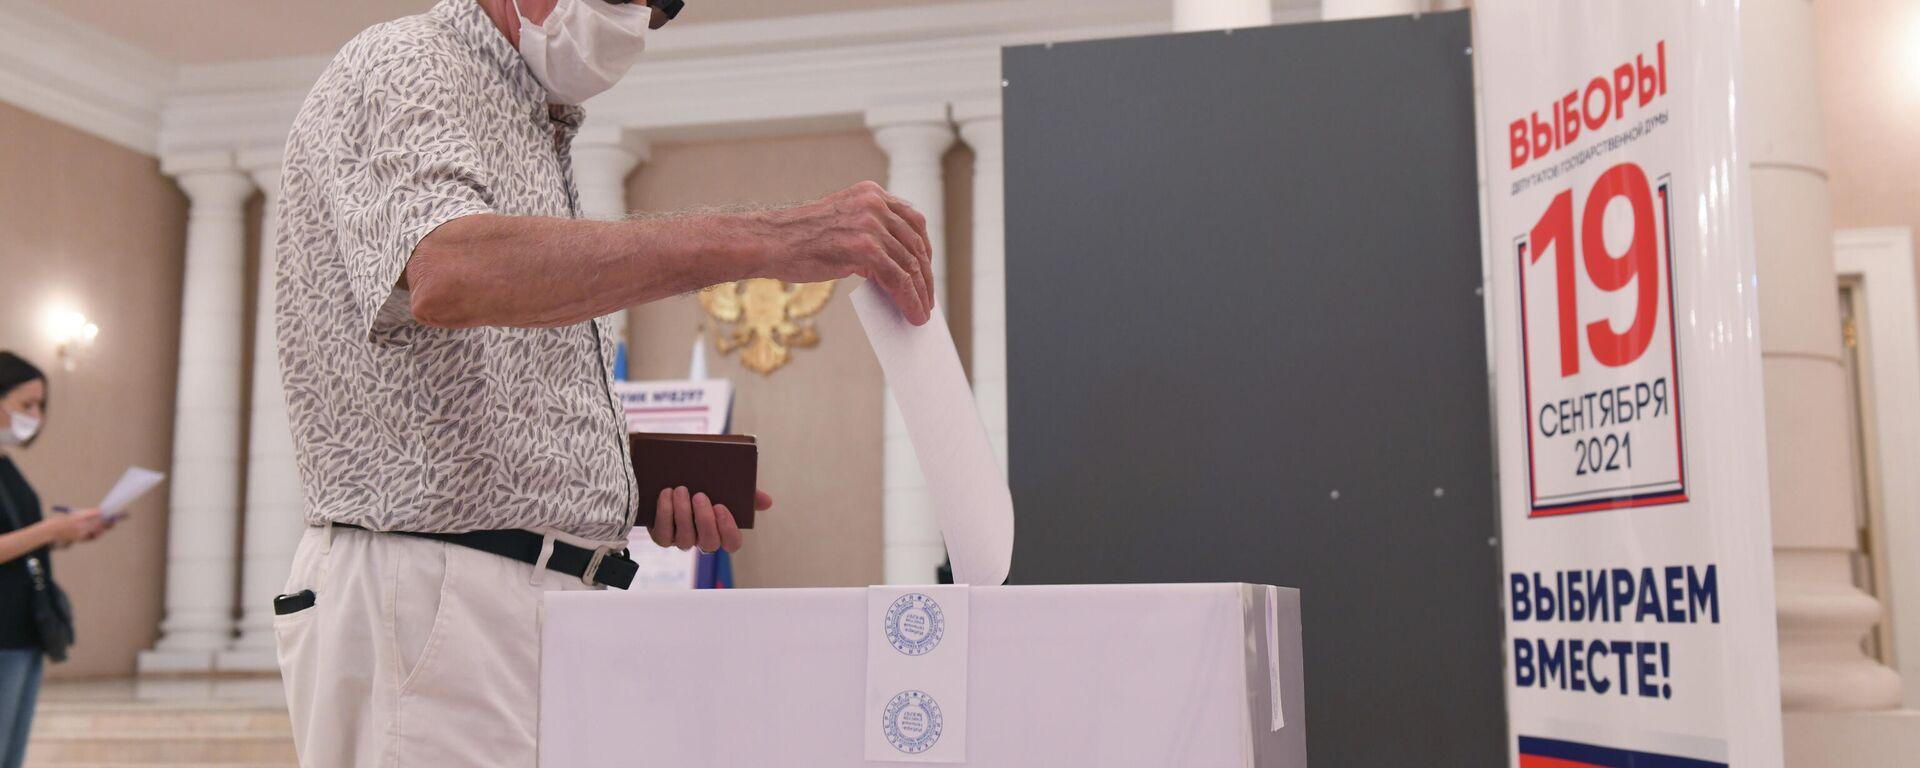 Голосование на выборах в Госдуму РФ в Ташкенте - Sputnik Узбекистан, 1920, 19.09.2021